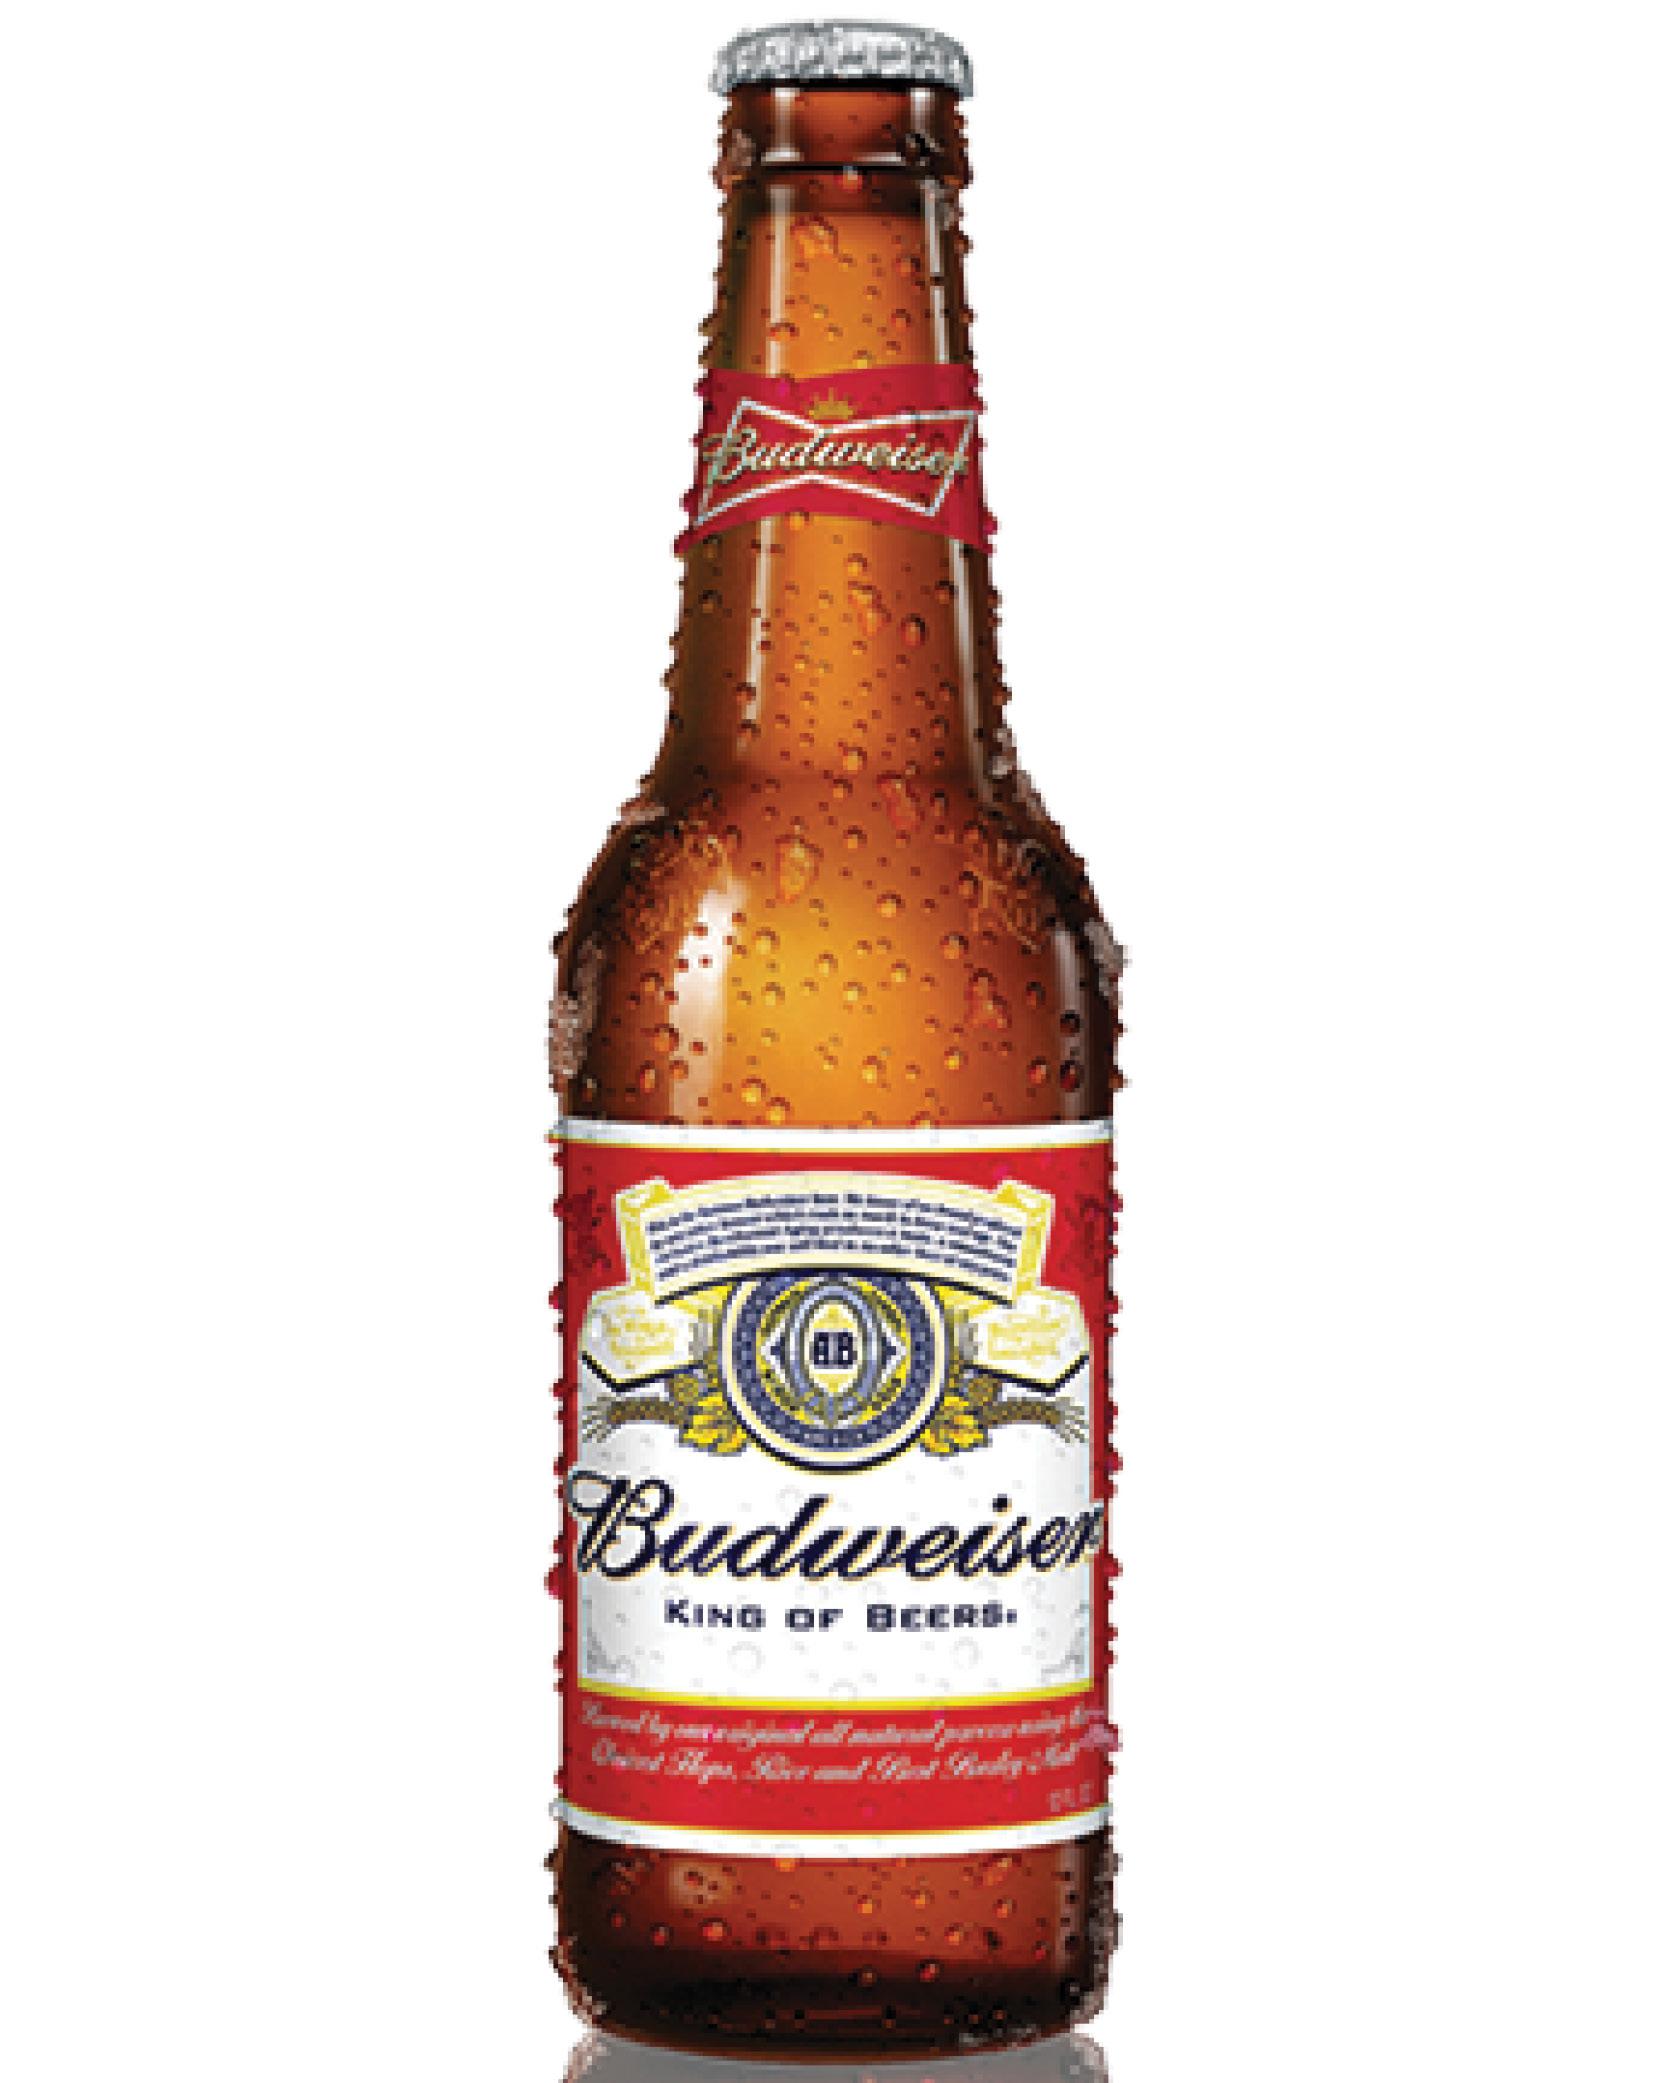 Budweiser clipart anheuser busch Anheuser Busch Beers Anheuser Busch